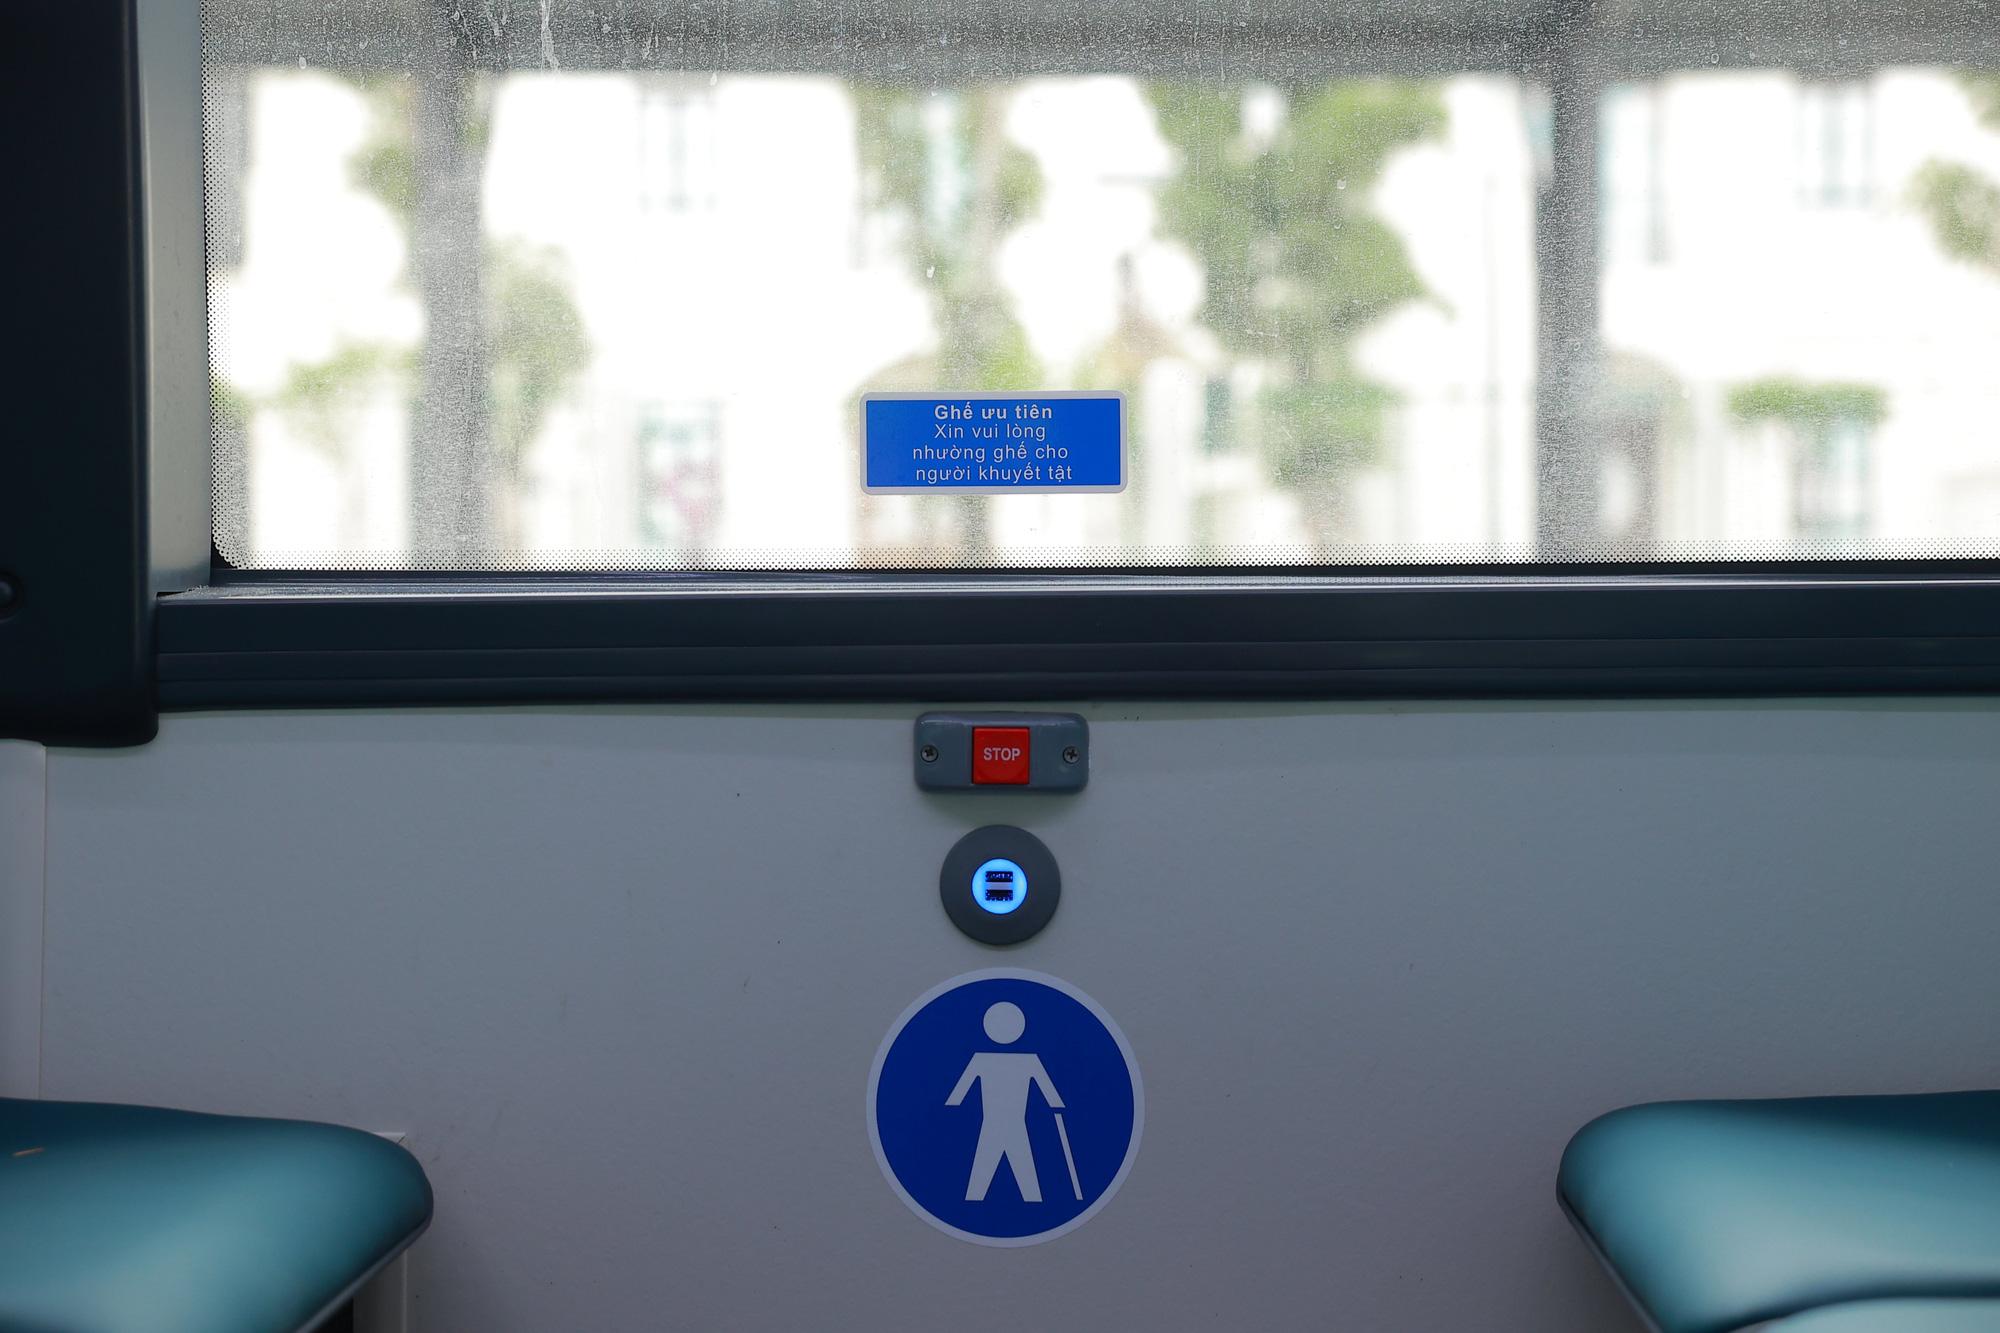 Cận cảnh xe buýt điện VinFast lăn bánh tại Hà Nội, có gì đặc biệt? - Ảnh 7.